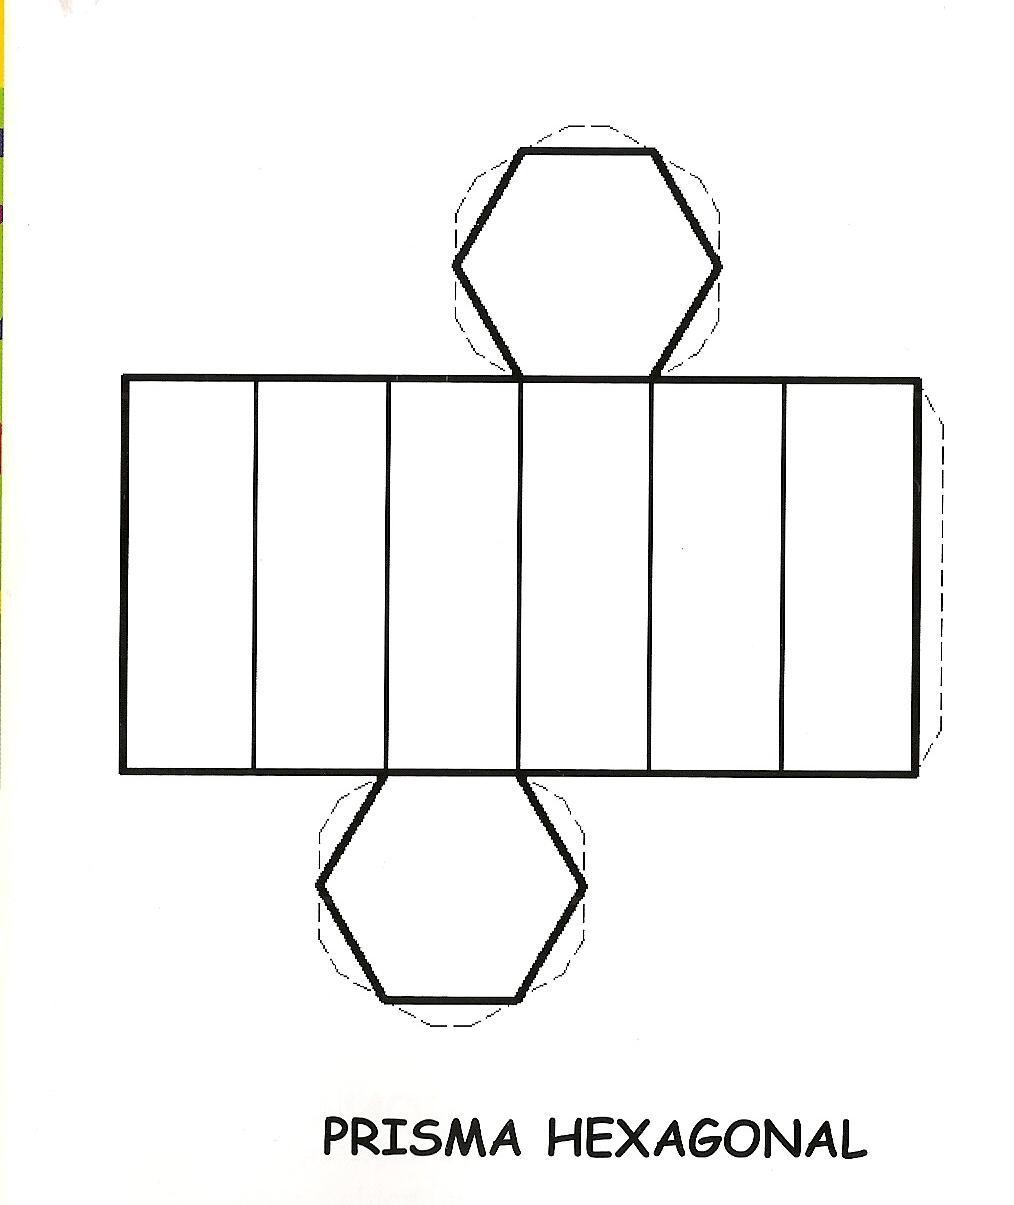 Prisma hexagonal para recortar y armar imagui for Sillas para armar y recortar